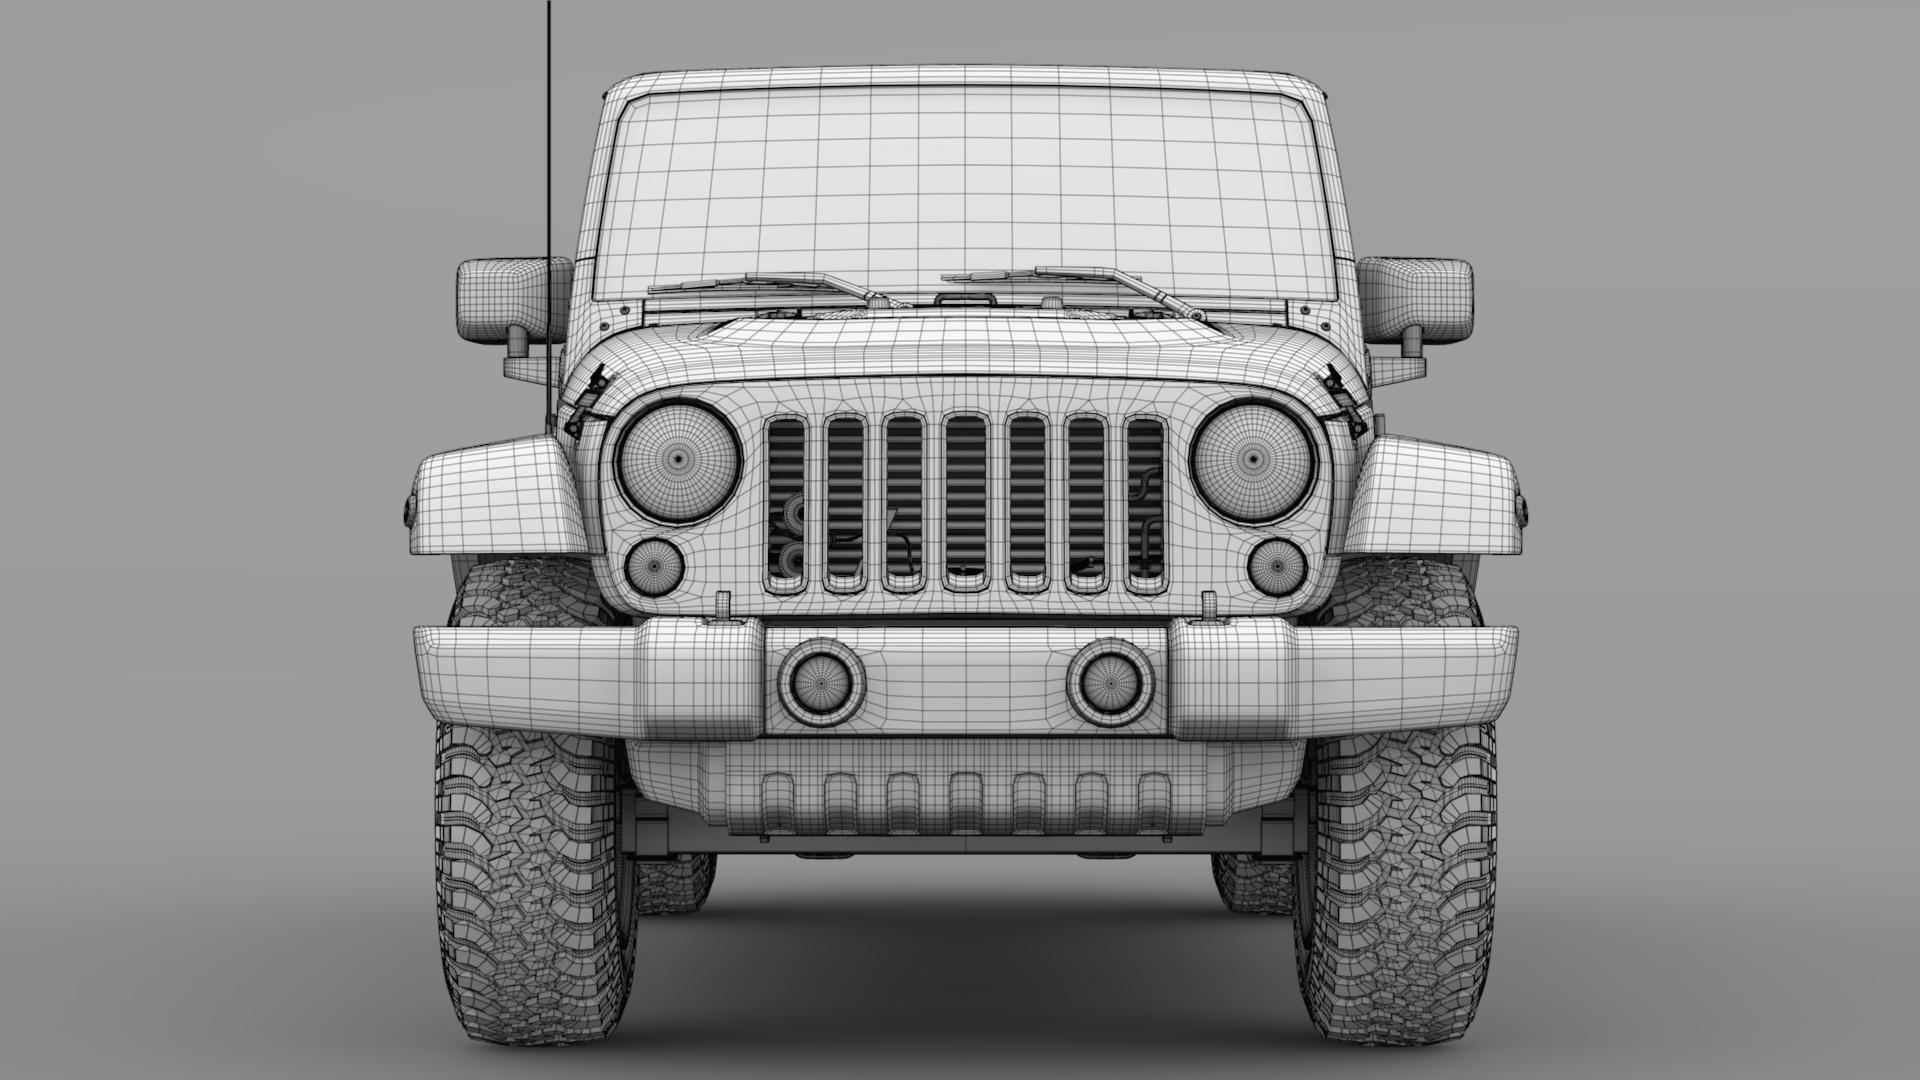 jeep wrangler unlimited chief jk 2017 3d model max fbx c4d lwo ma mb hrc xsi obj 276980